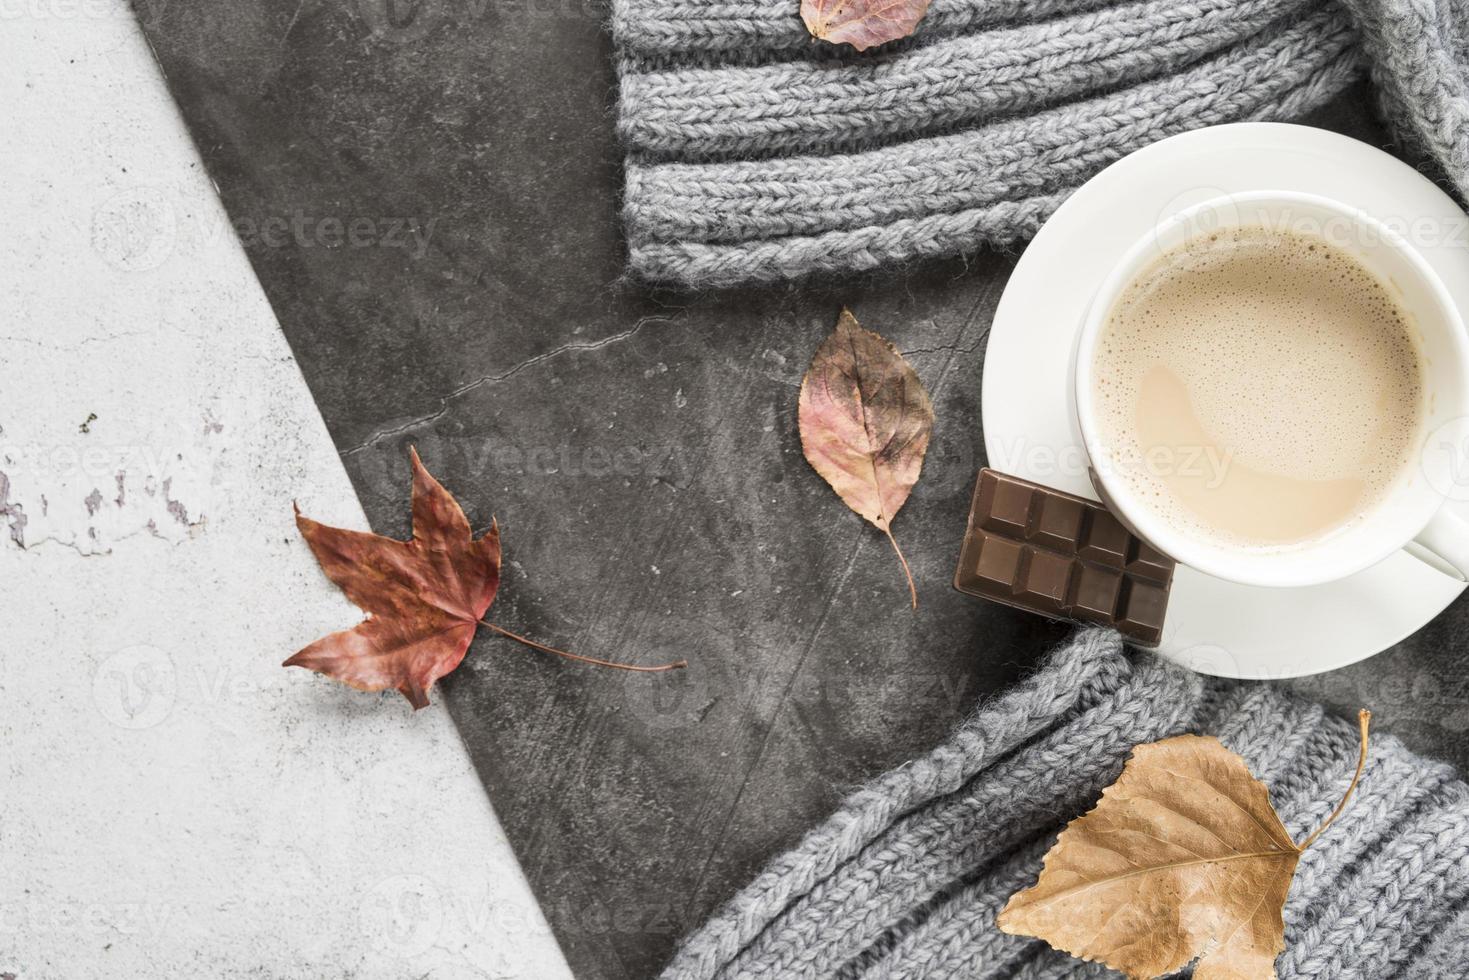 bevanda calda con cioccolato su una superficie squallida e elementi autunnali foto